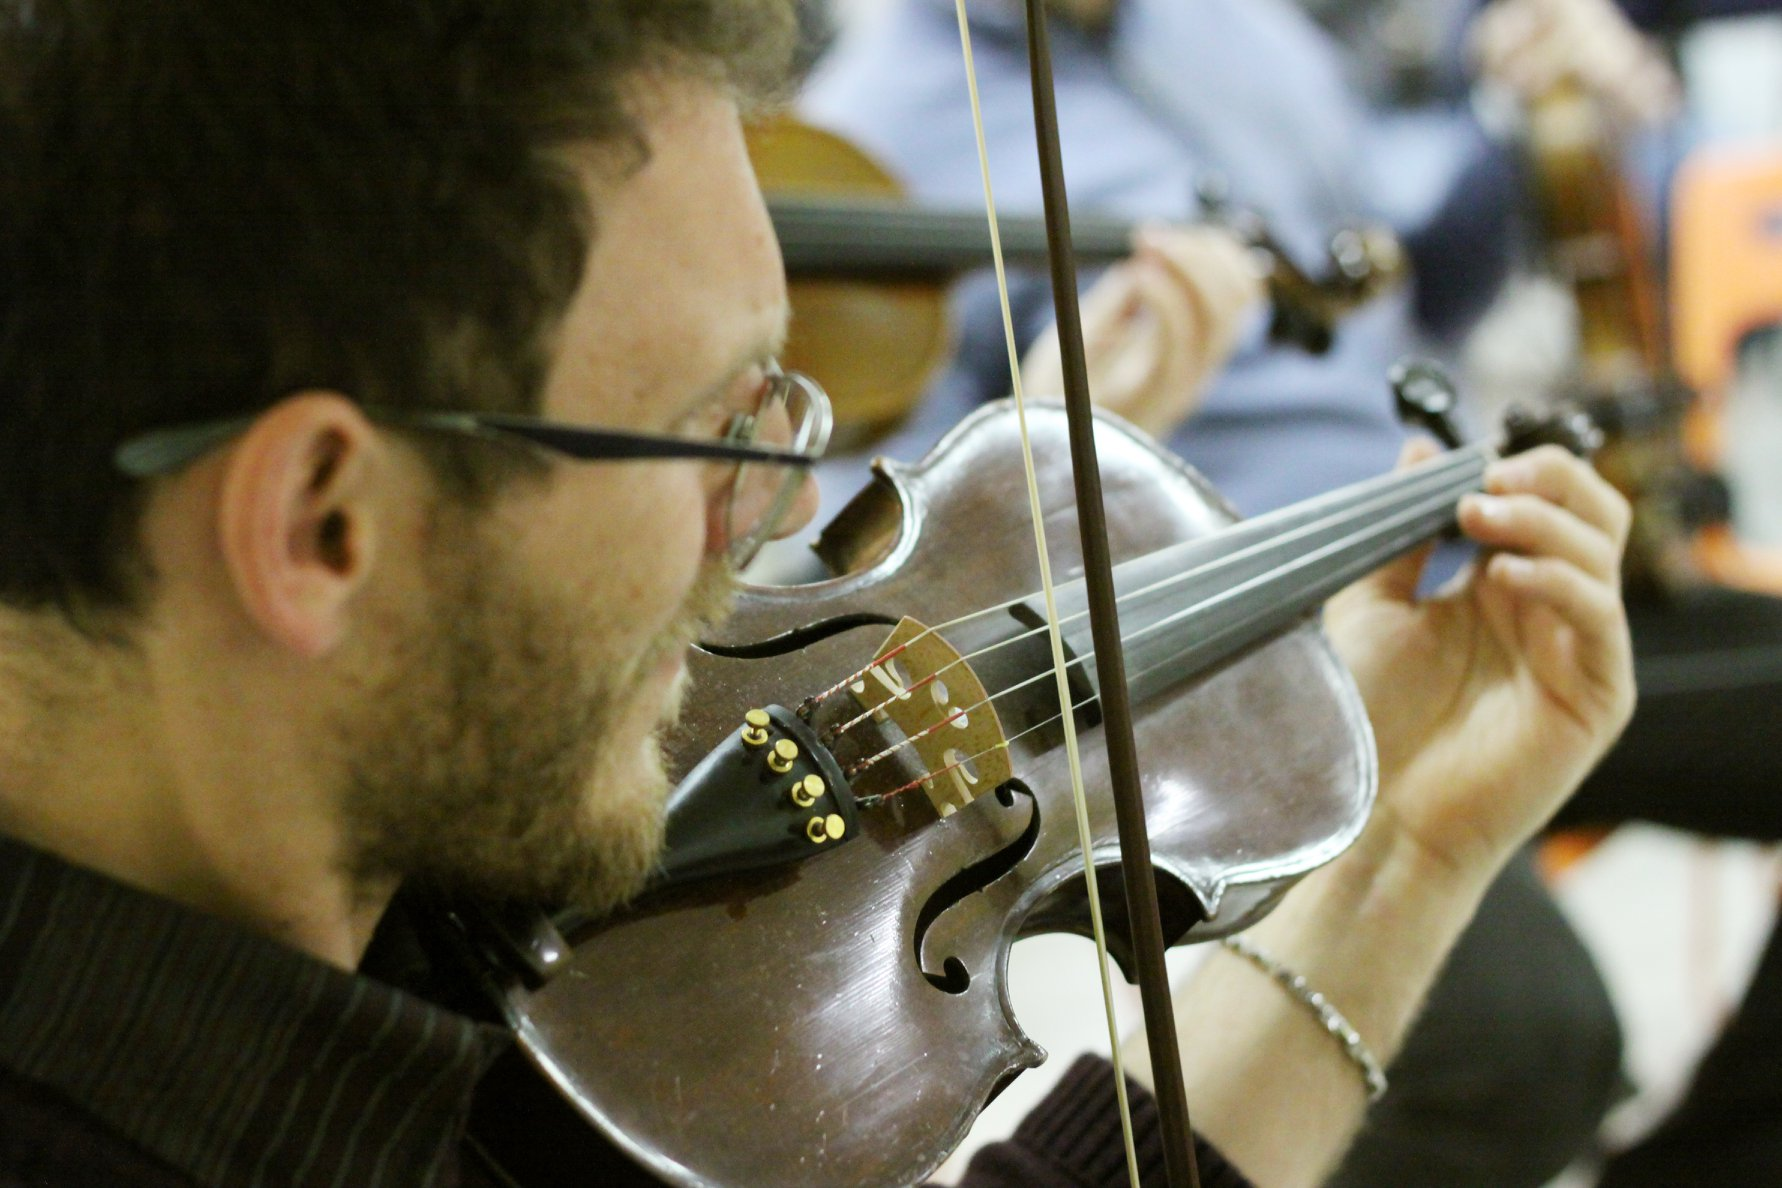 Scuola di Musica Roma   Il violino è lo strumento a cui è dedicato l'Istituto musicale Arcangelo Corelli